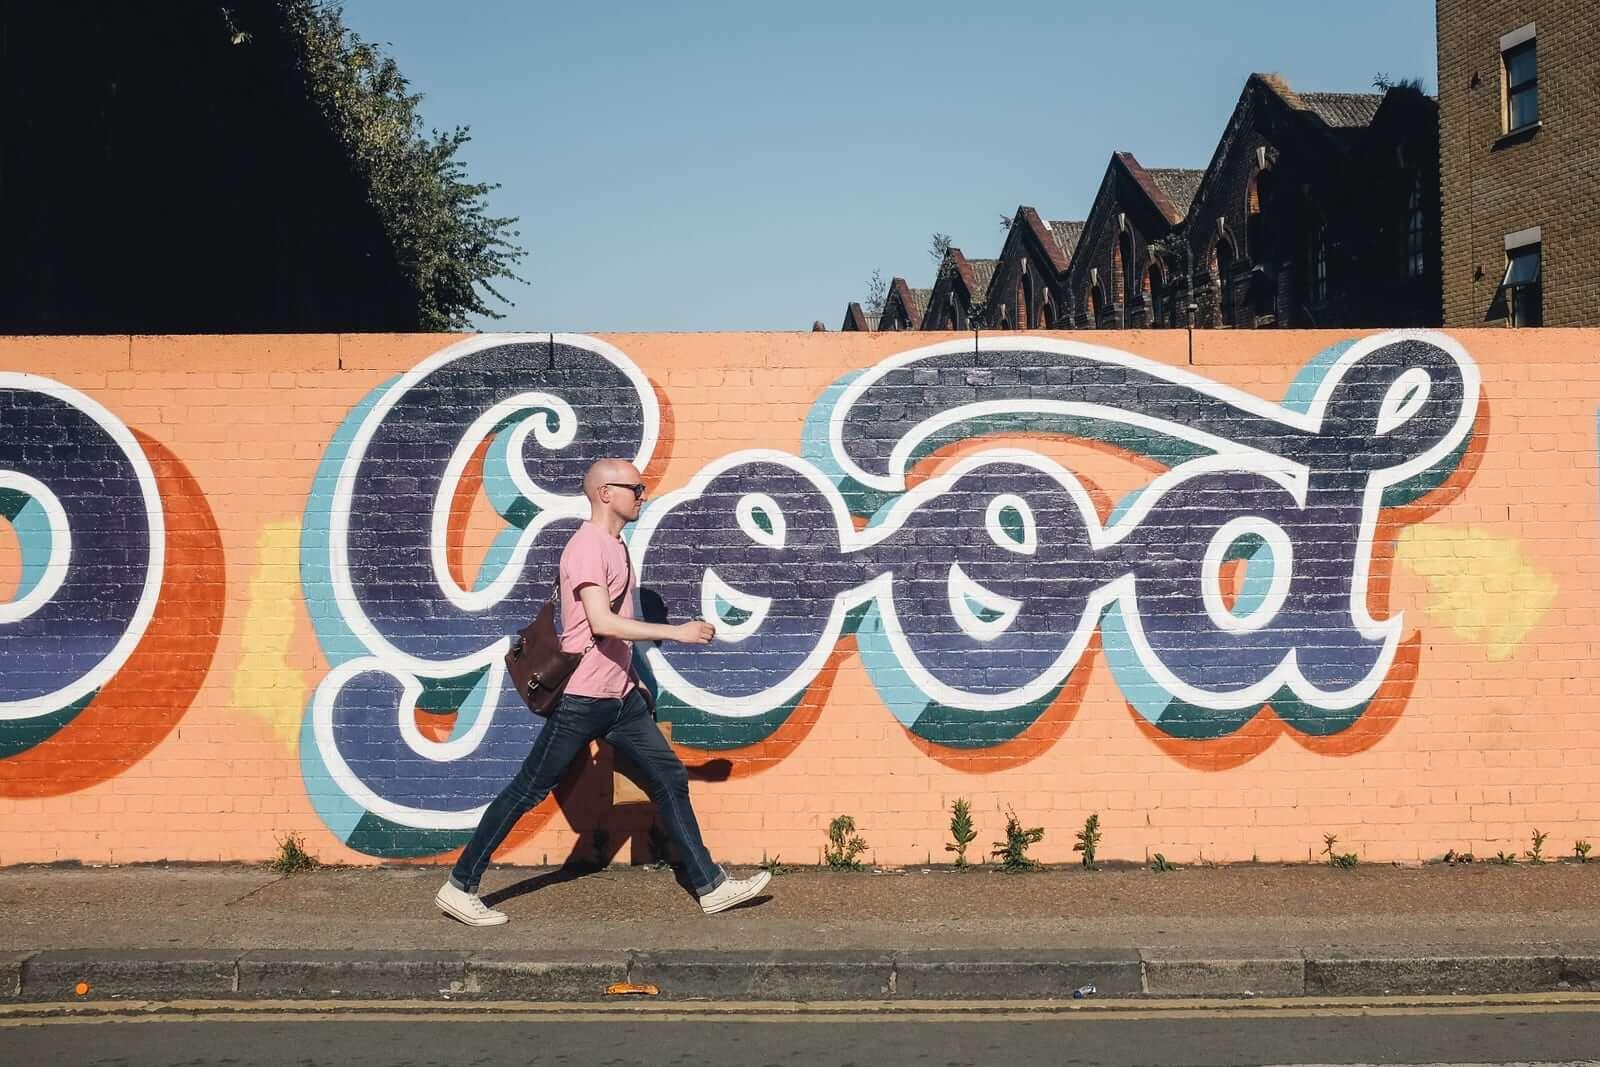 Mężczyzna idący po chodniku na tle grafitti.